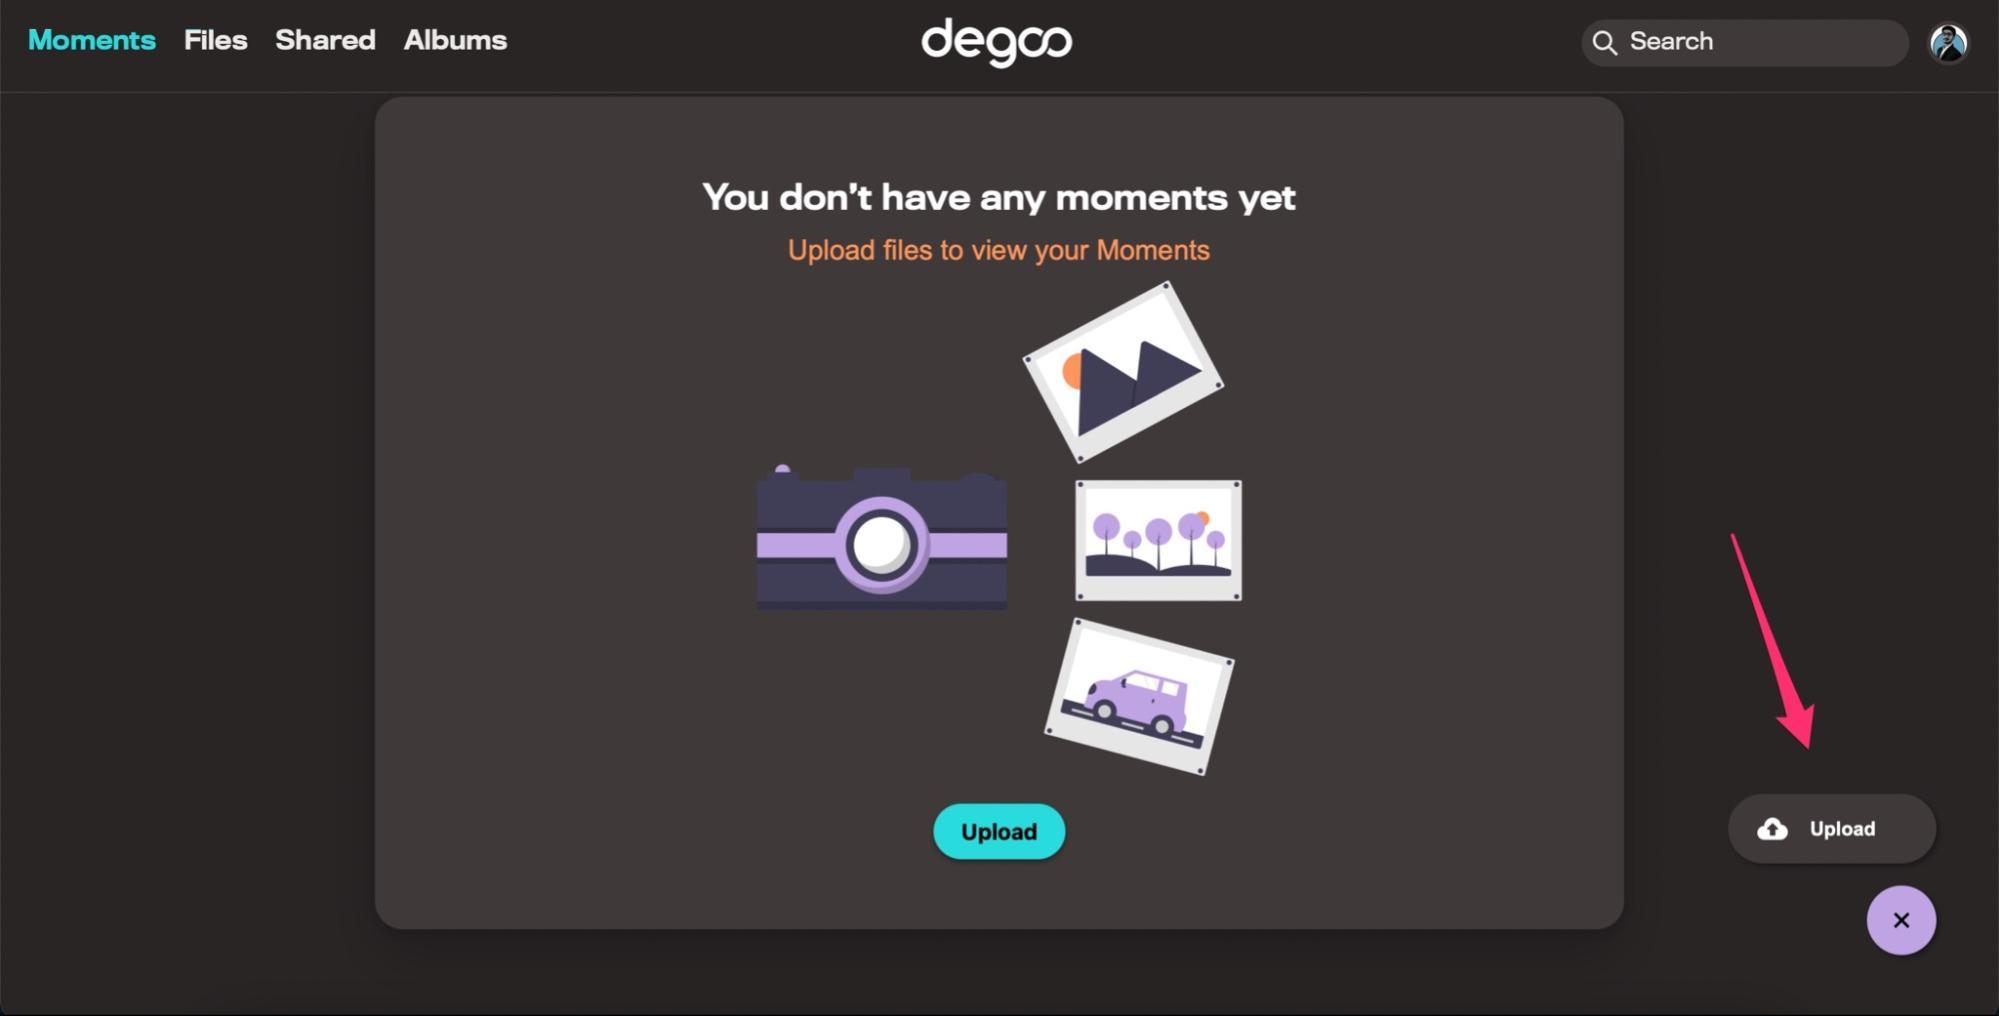 Upload File Degoo